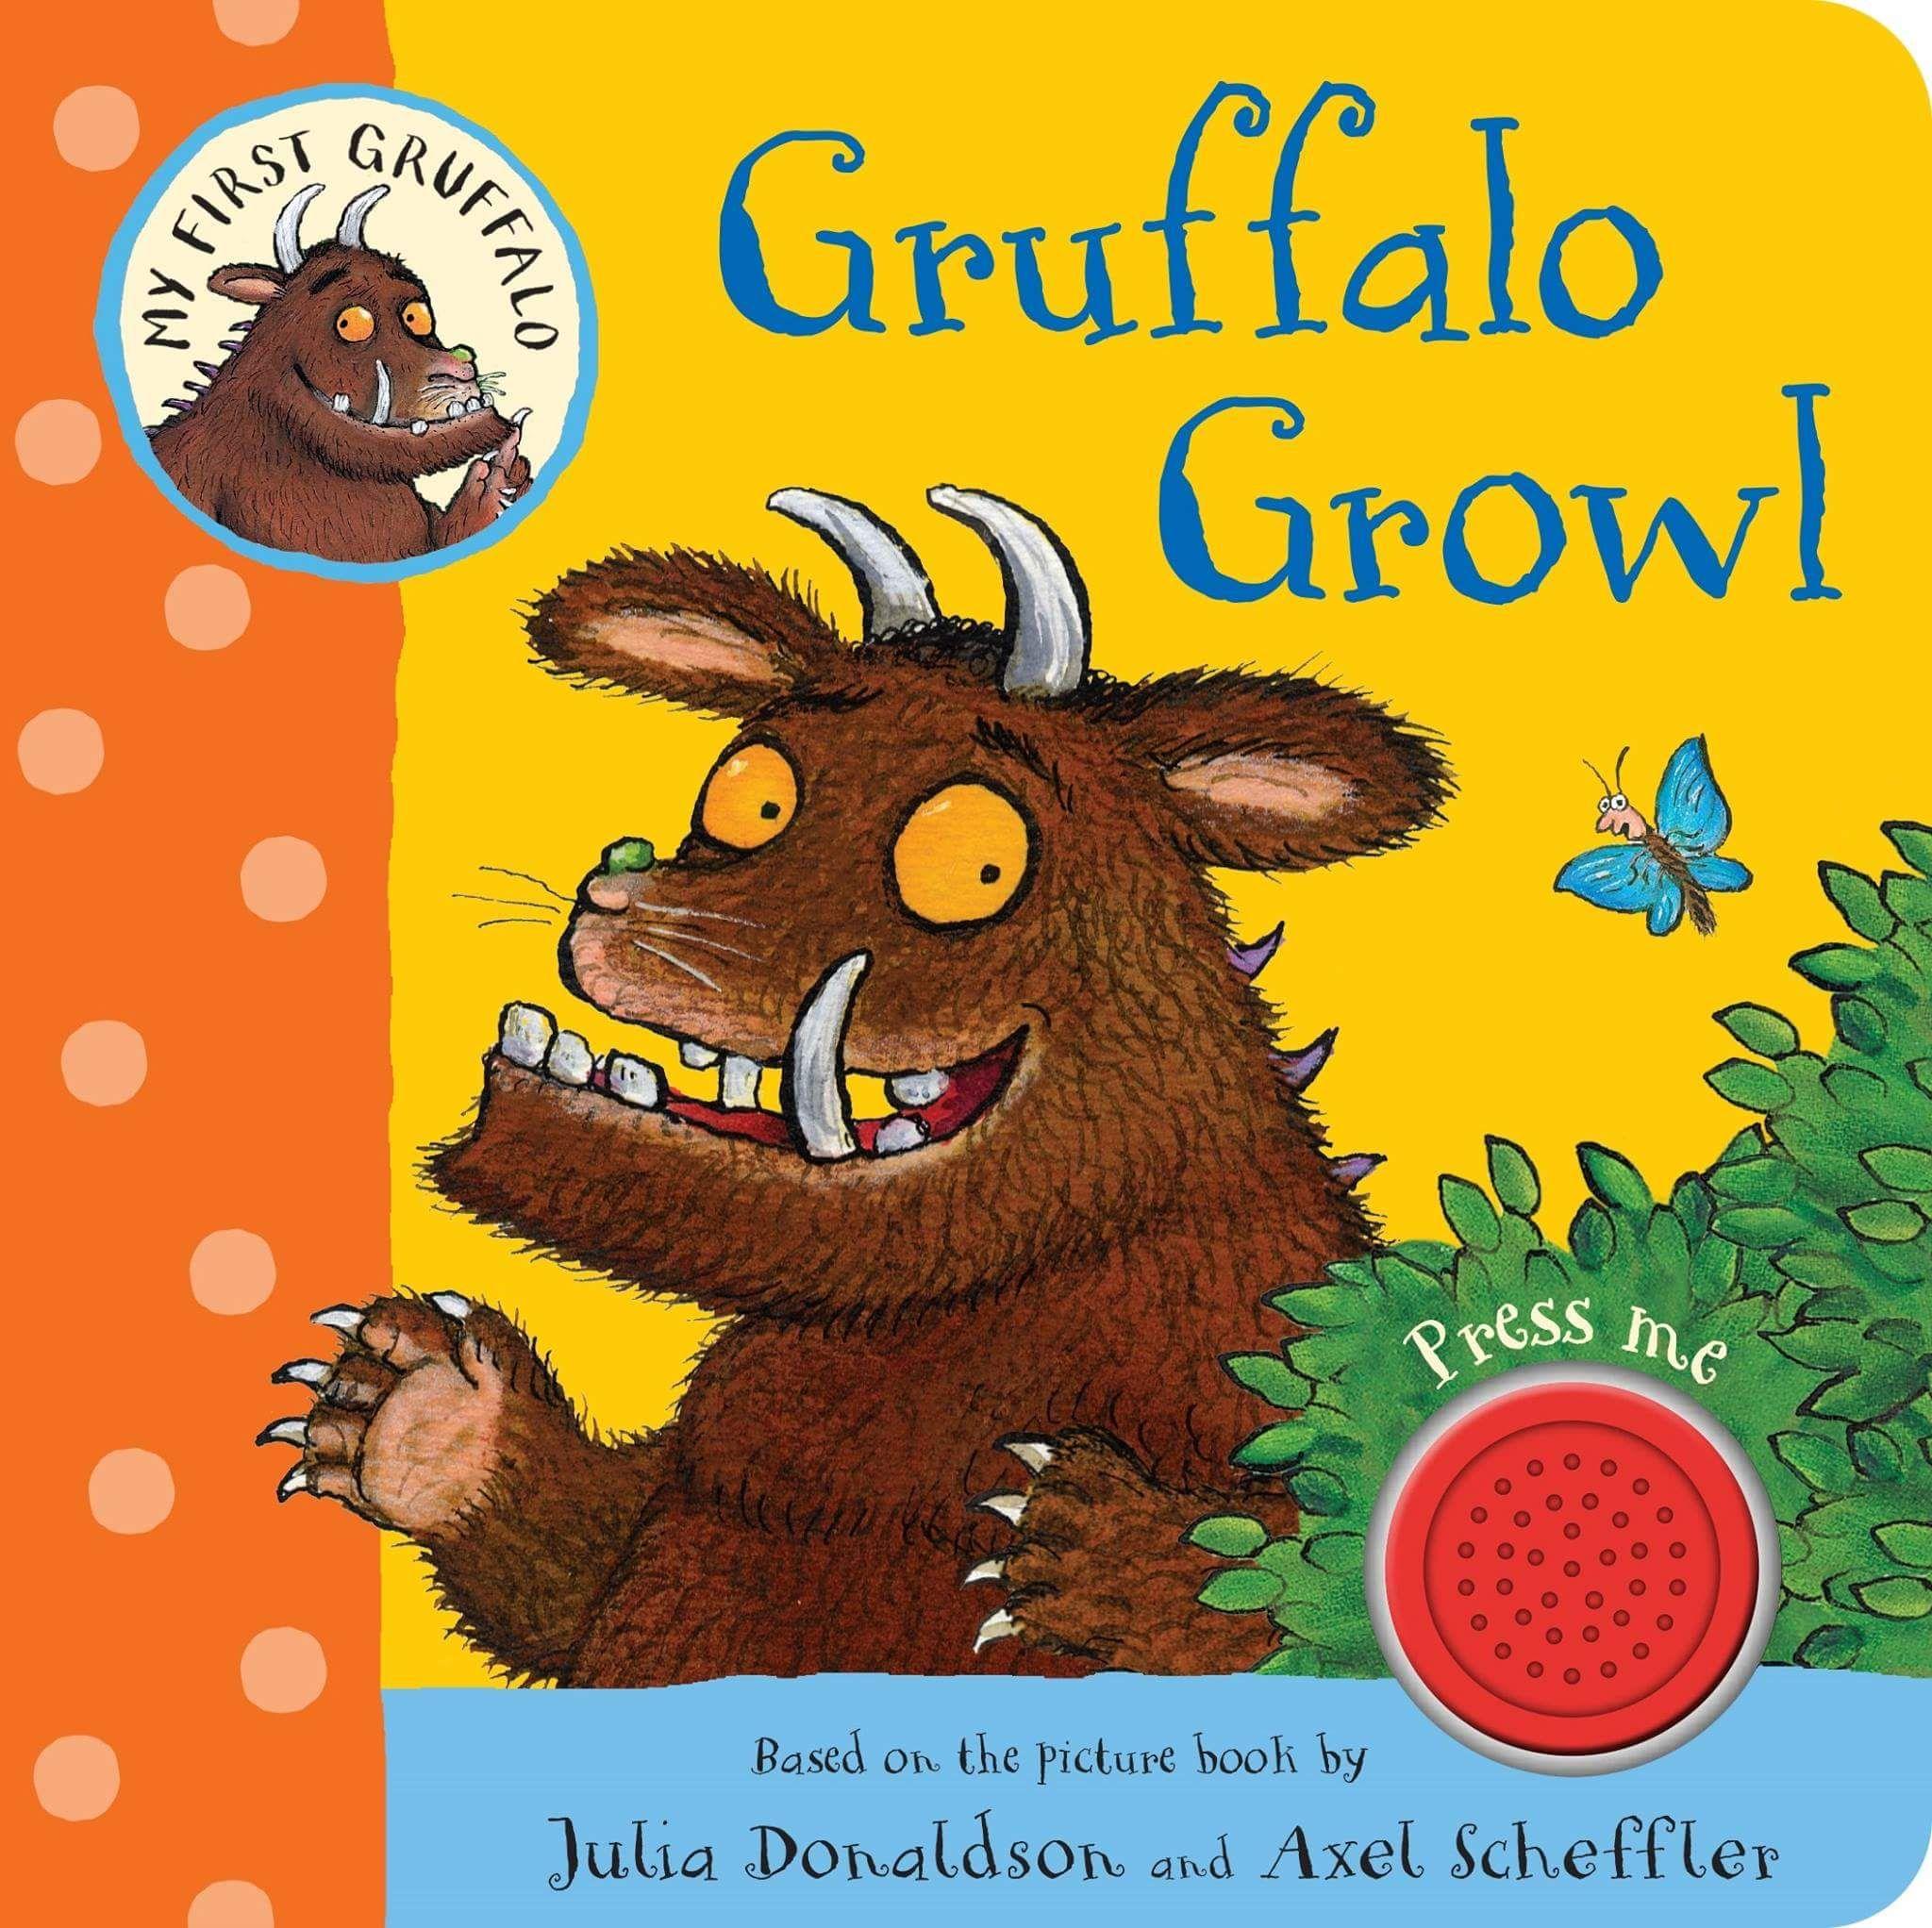 Gruffalo Growlby Julia Donaldson £3.00 prime / £5.99 non-prime @ Amazon